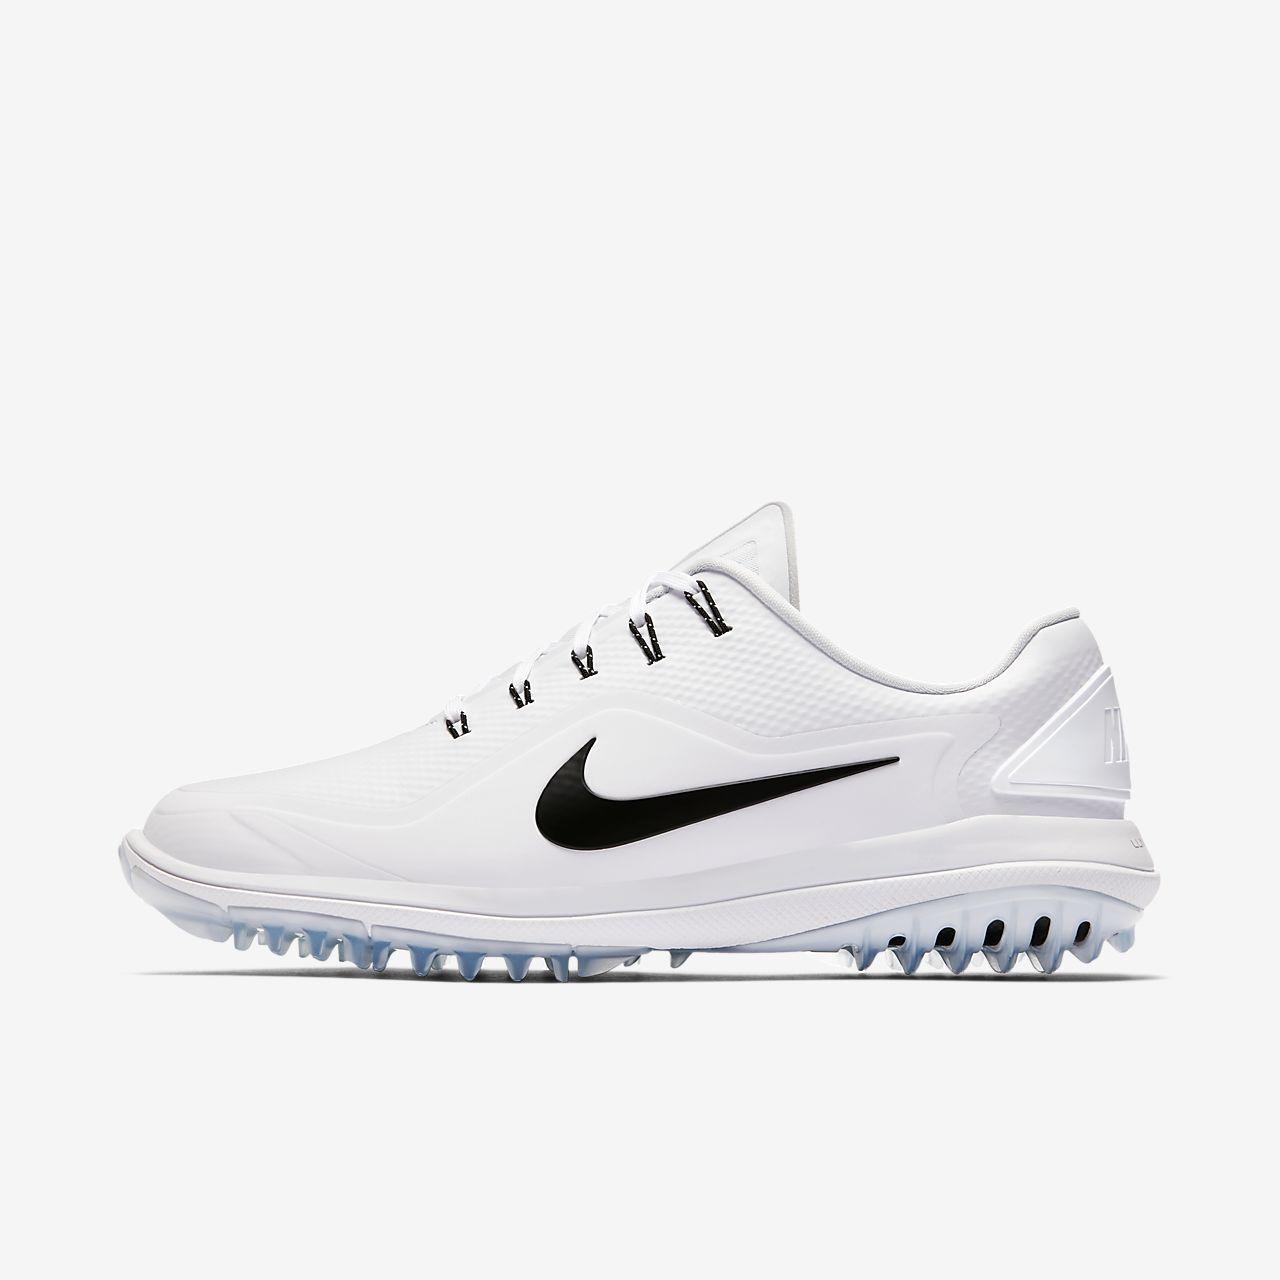 5ef58817f433 Nike Lunar Control Vapor 2 Men s Golf Shoe. Nike.com ID